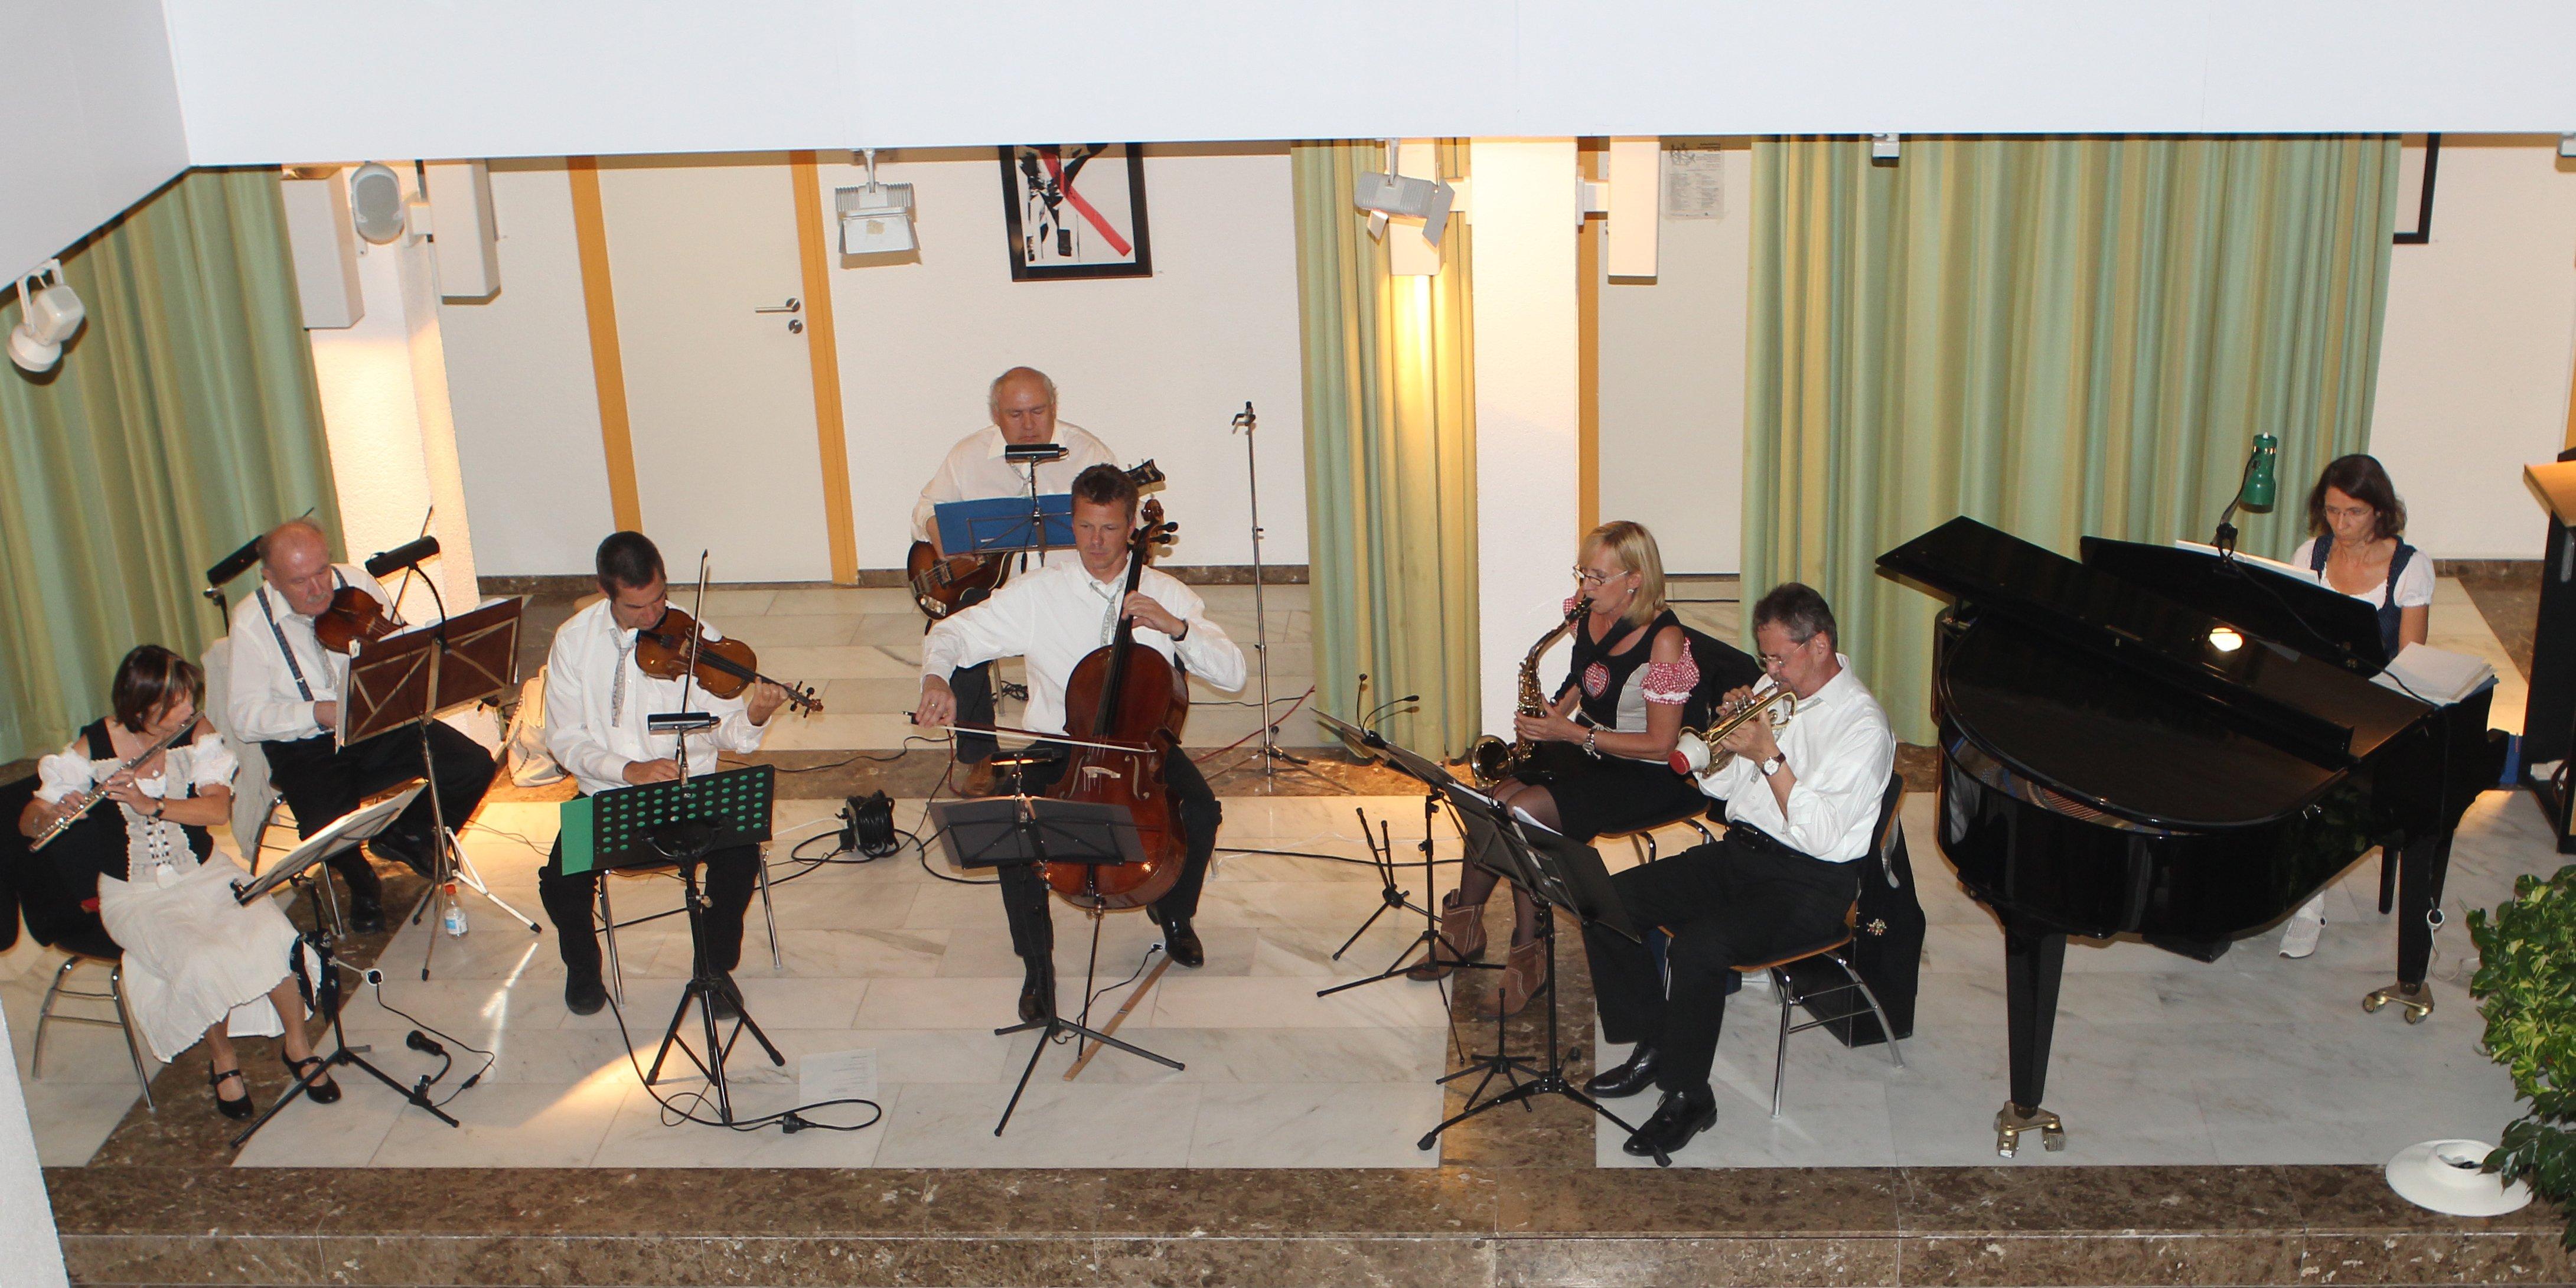 Mehrere musizierende Leute bei einem Konzert im Rathaus